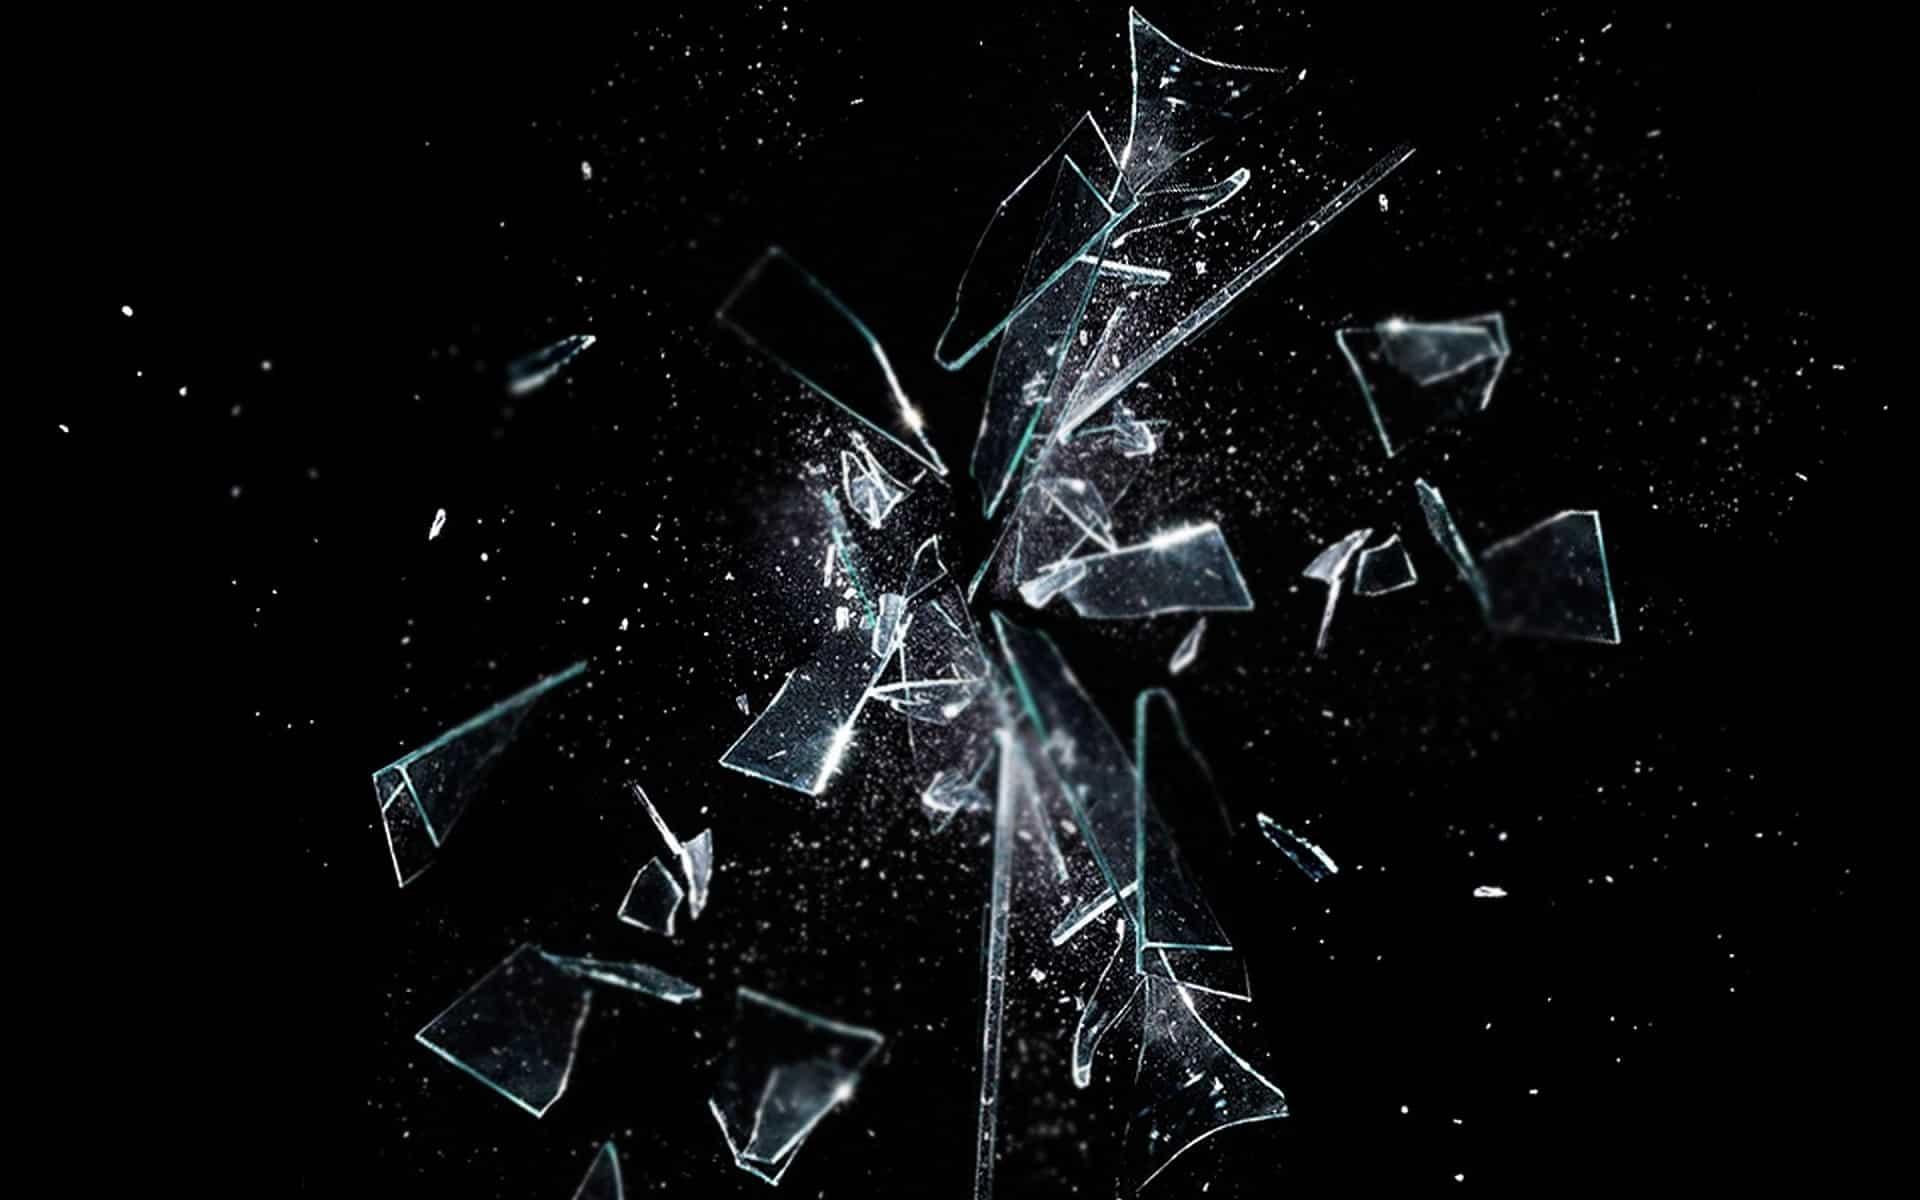 Černé zrcadlo: seriál, který mě odradil